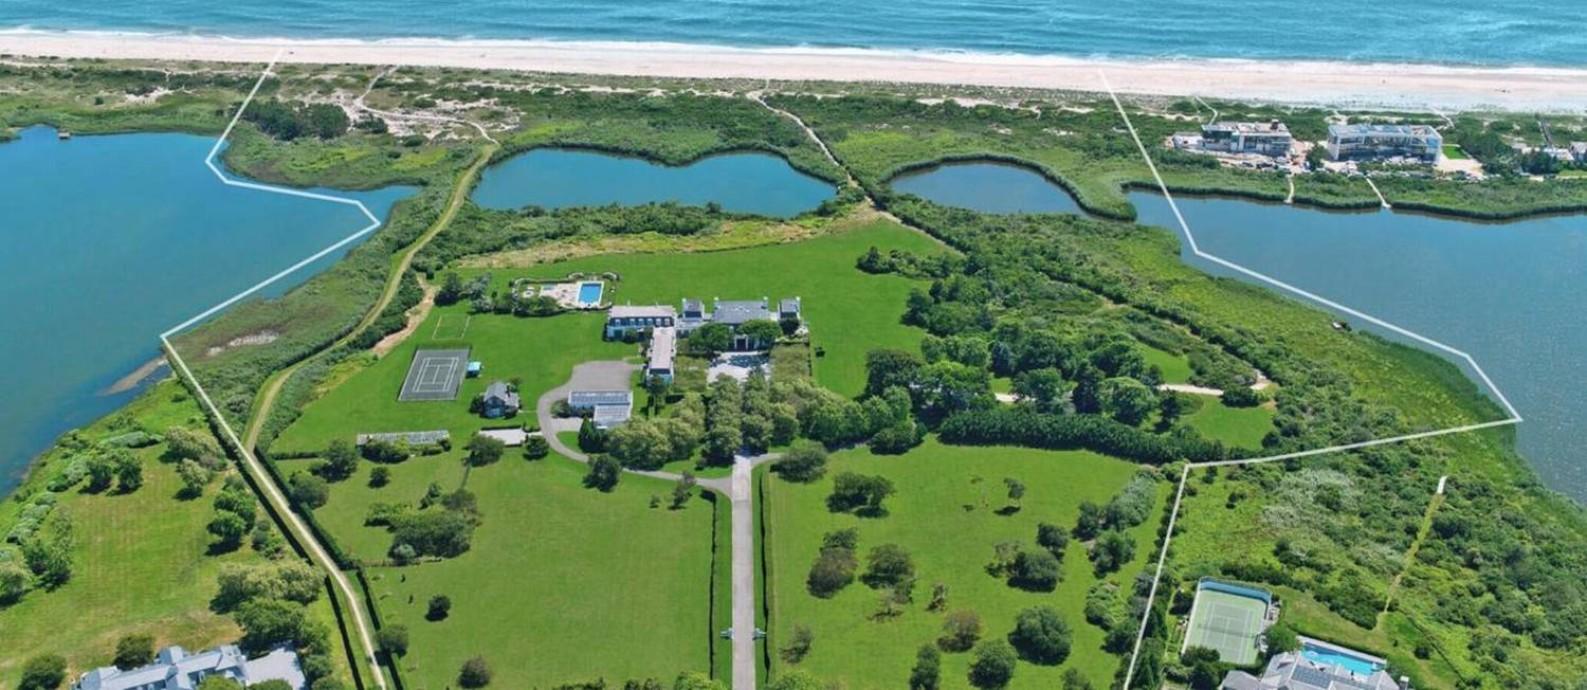 Vista aérea de Jule Pond, mansão com praia particular que pertenceu a Henry Ford: uma das sugestões de presente Foto: Bruno R Schreck / Reprodução/Bespoke Real Estate website